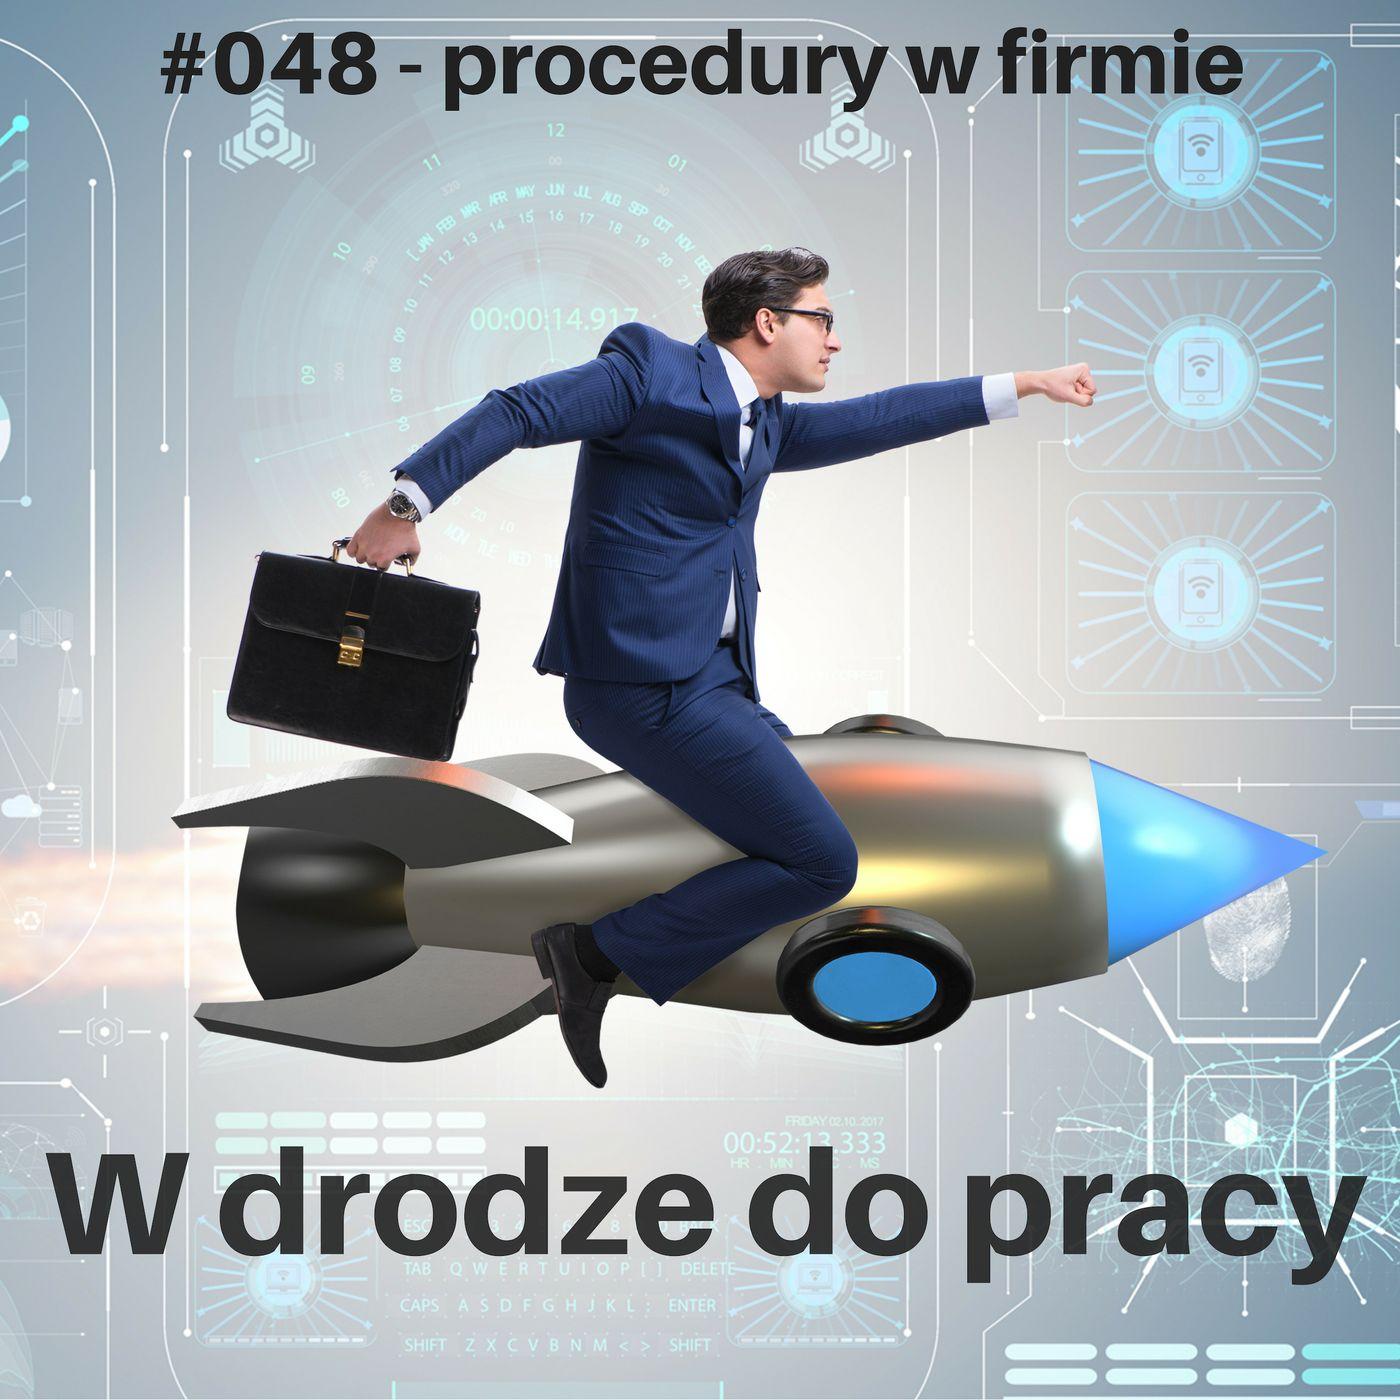 #048 - Po co i jak tworzyć w firmie procedury?